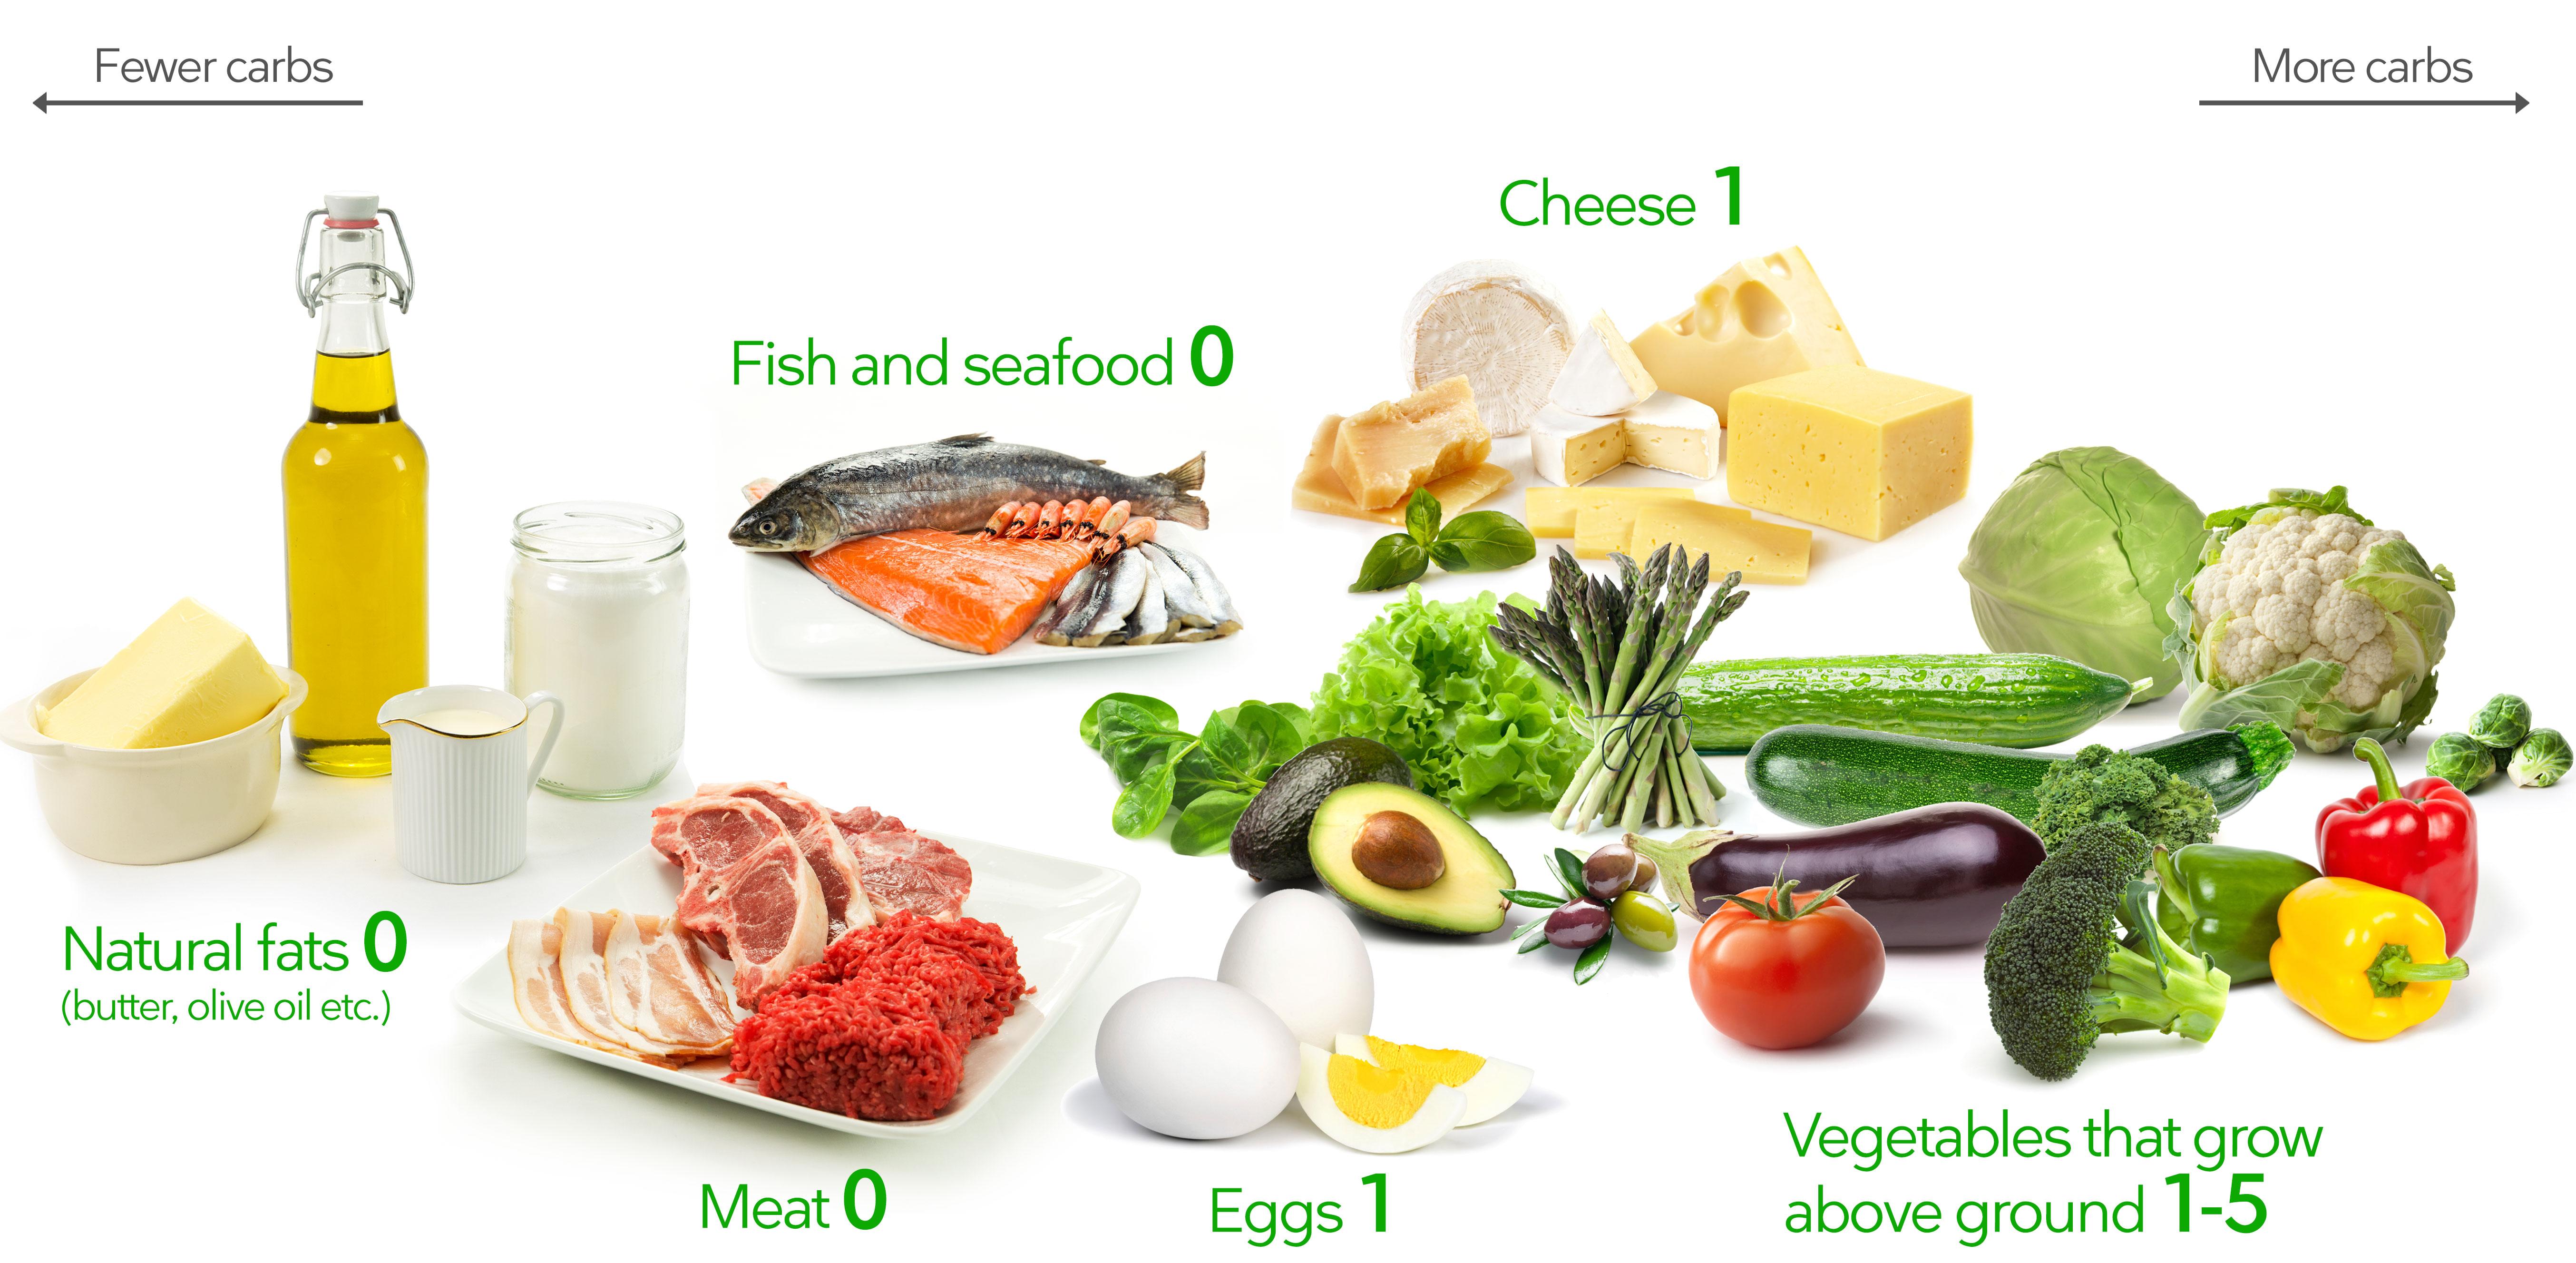 keto-diet-guide.jpg